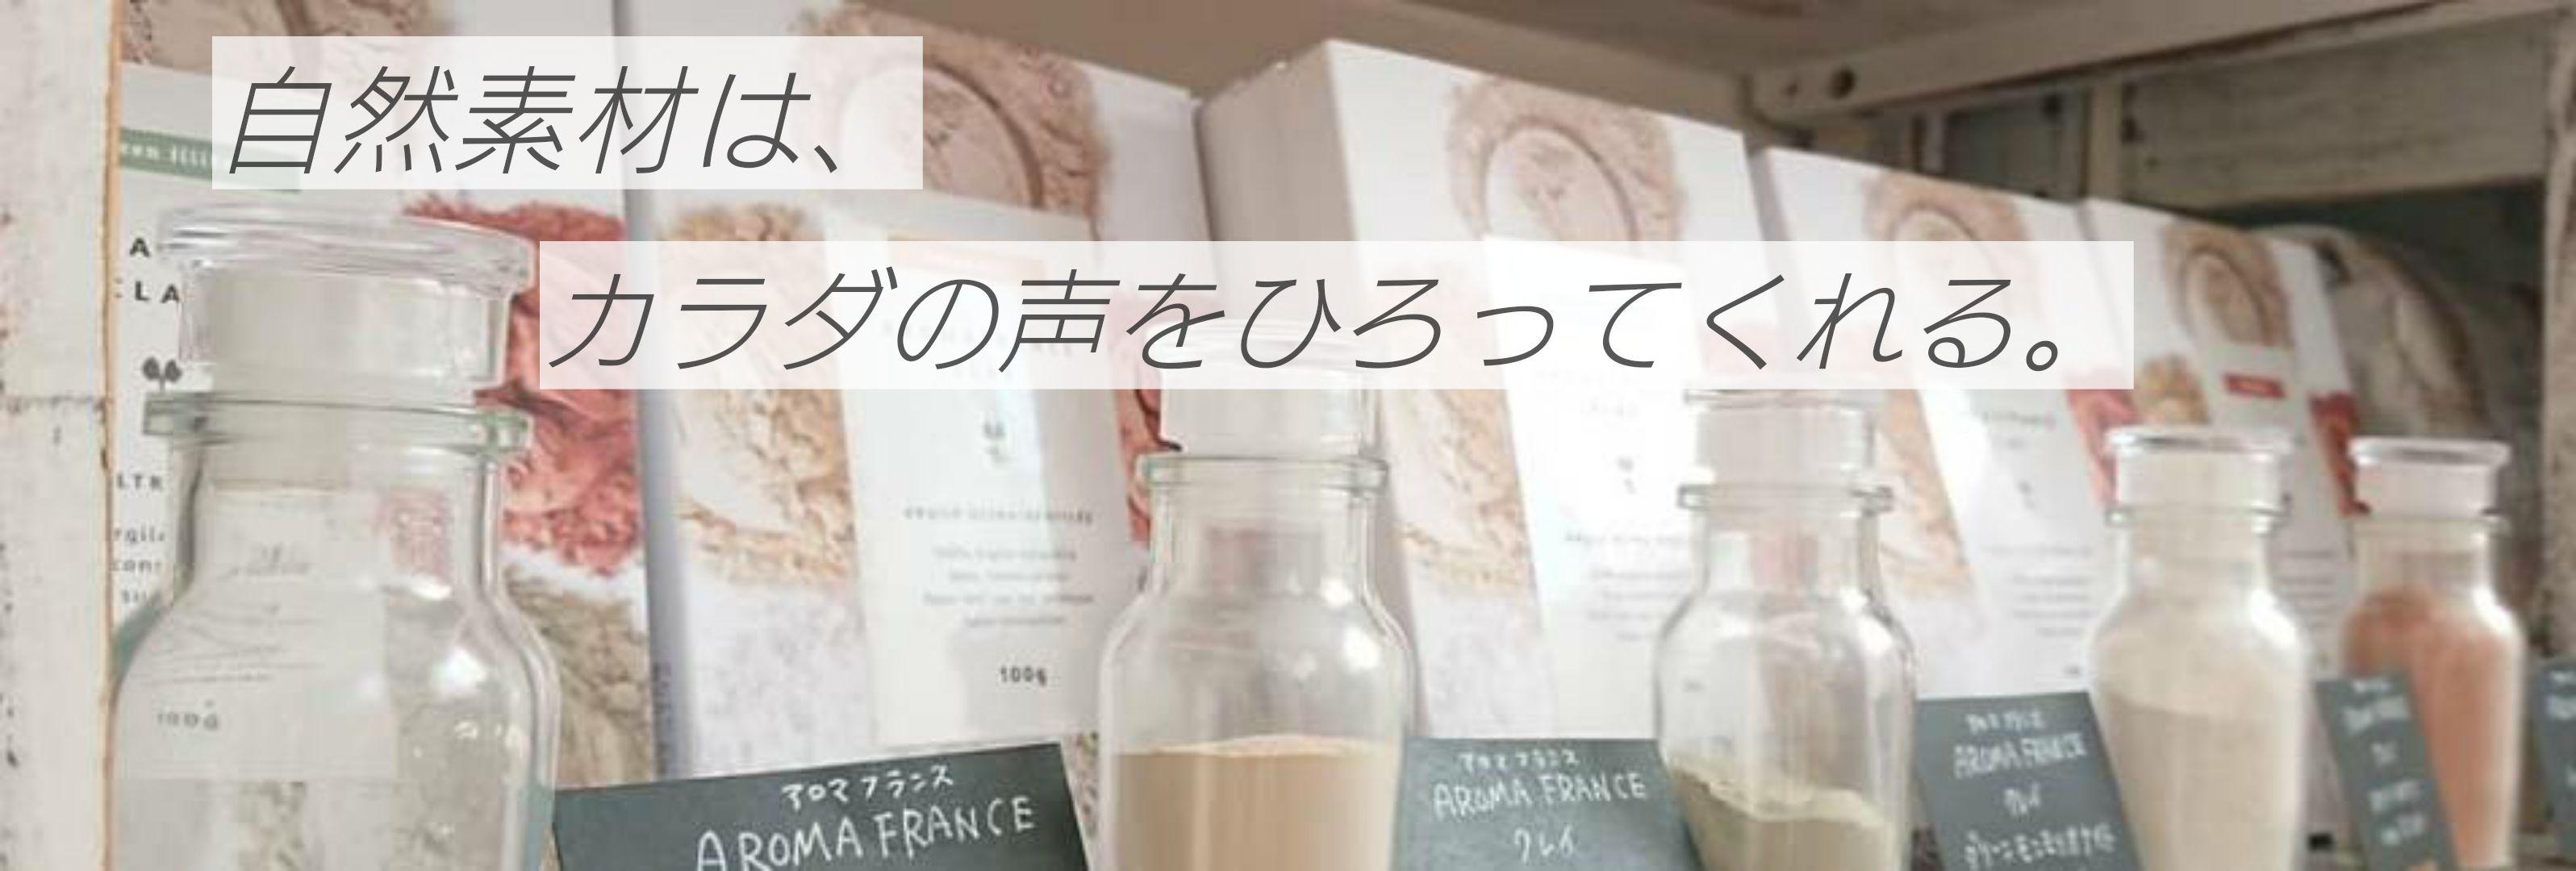 オーガニックコスメストア&サロン【Cael-カエル-】